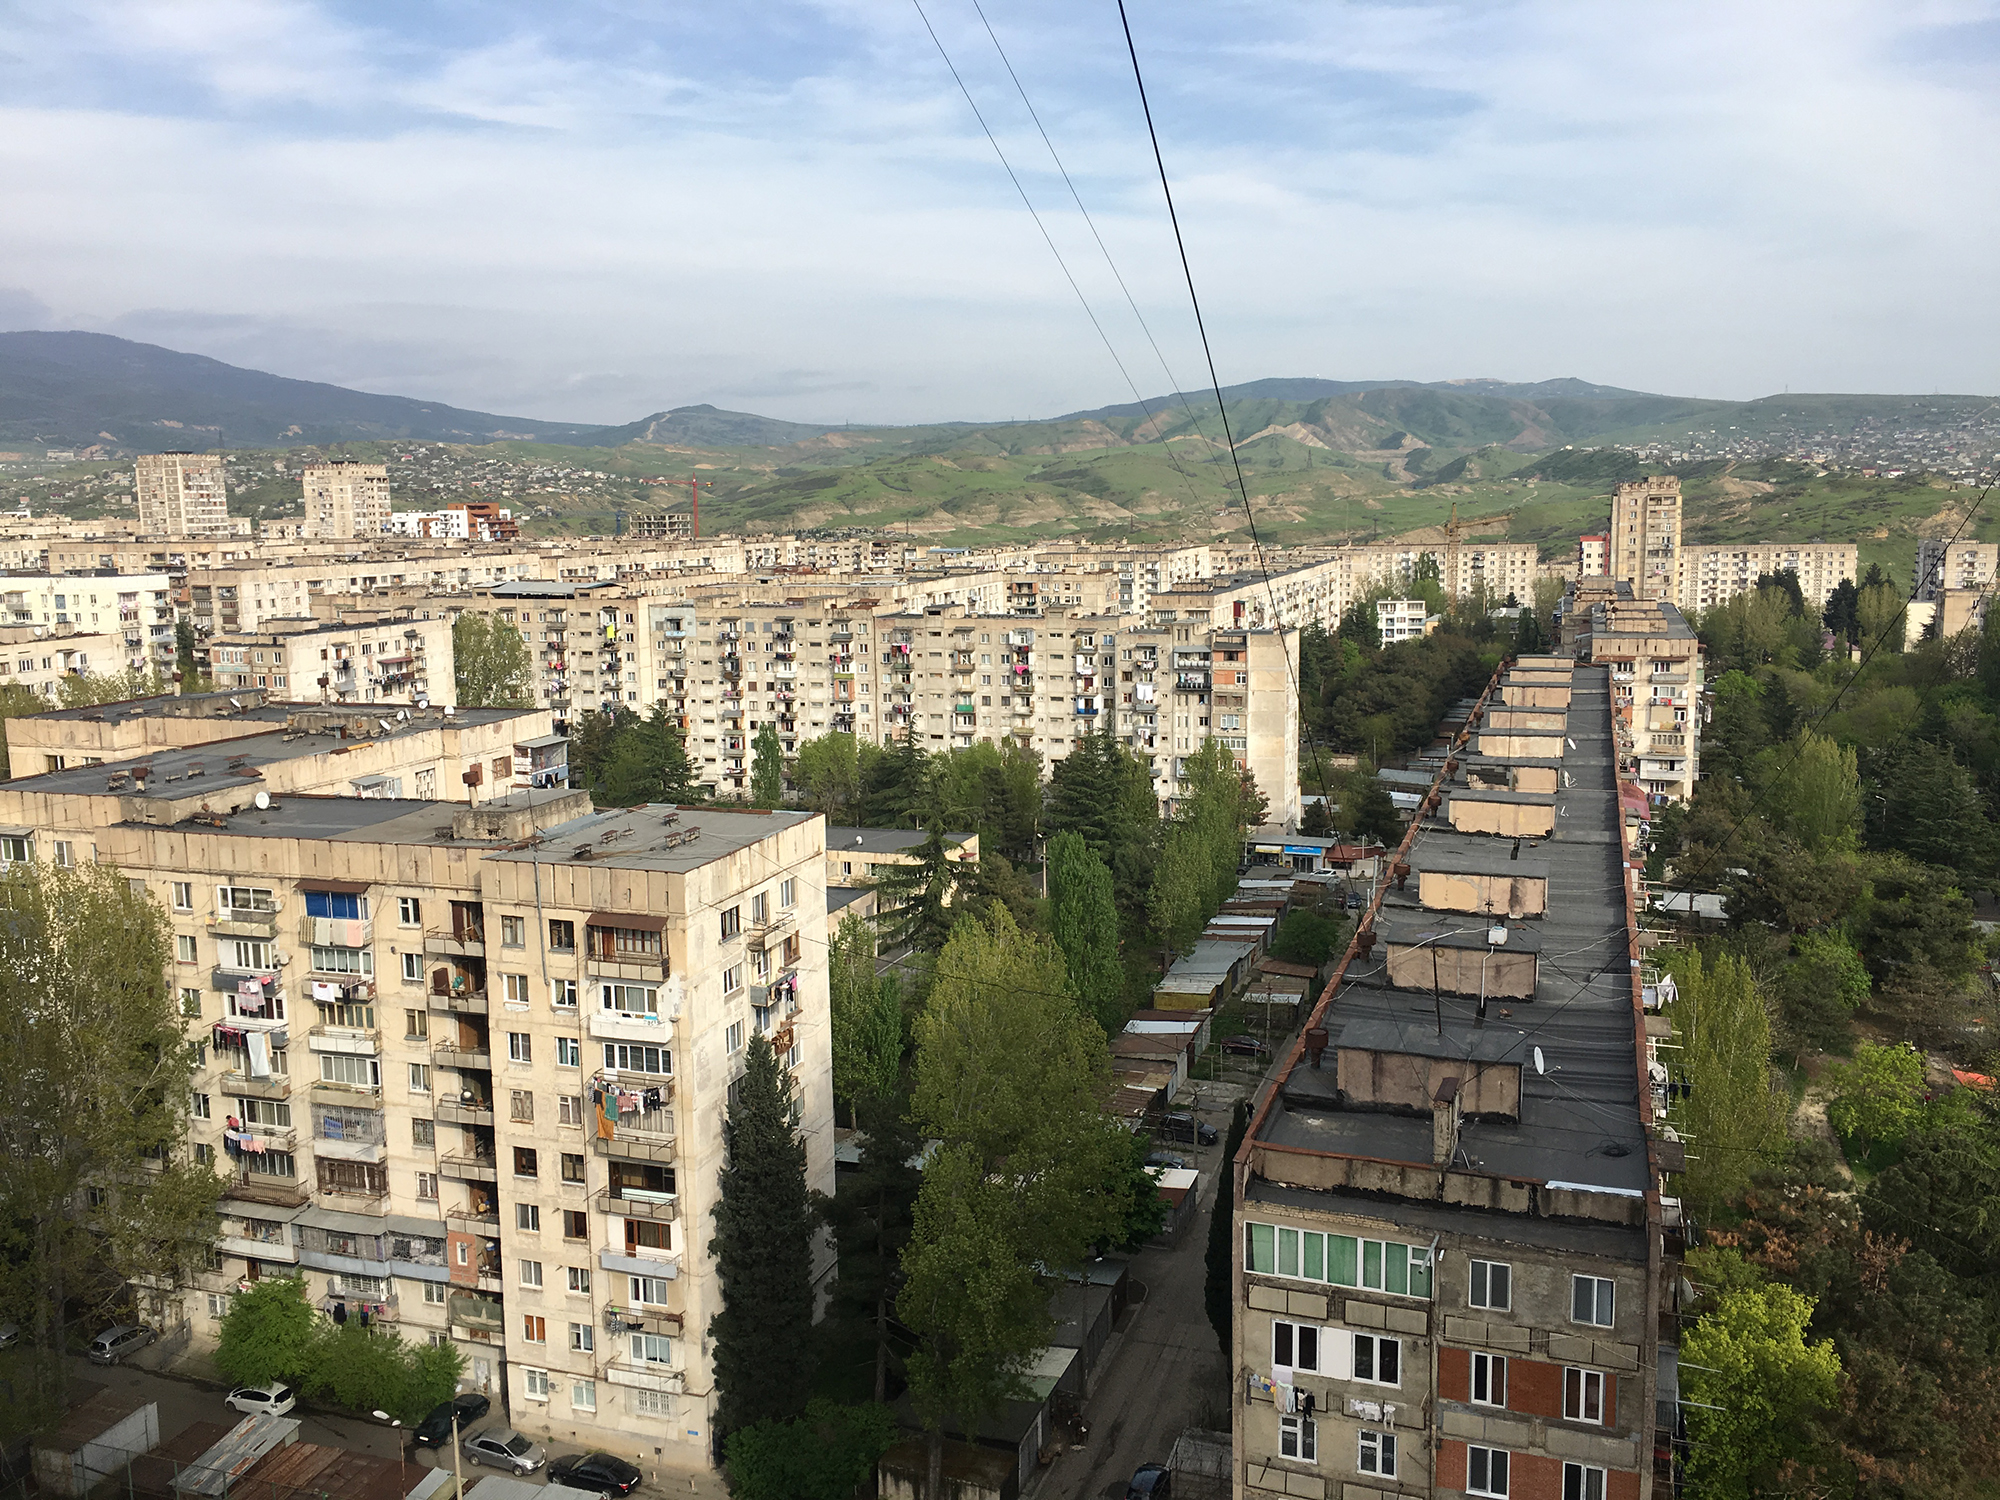 вся петра фото тбилиси глдани антрацита сибири